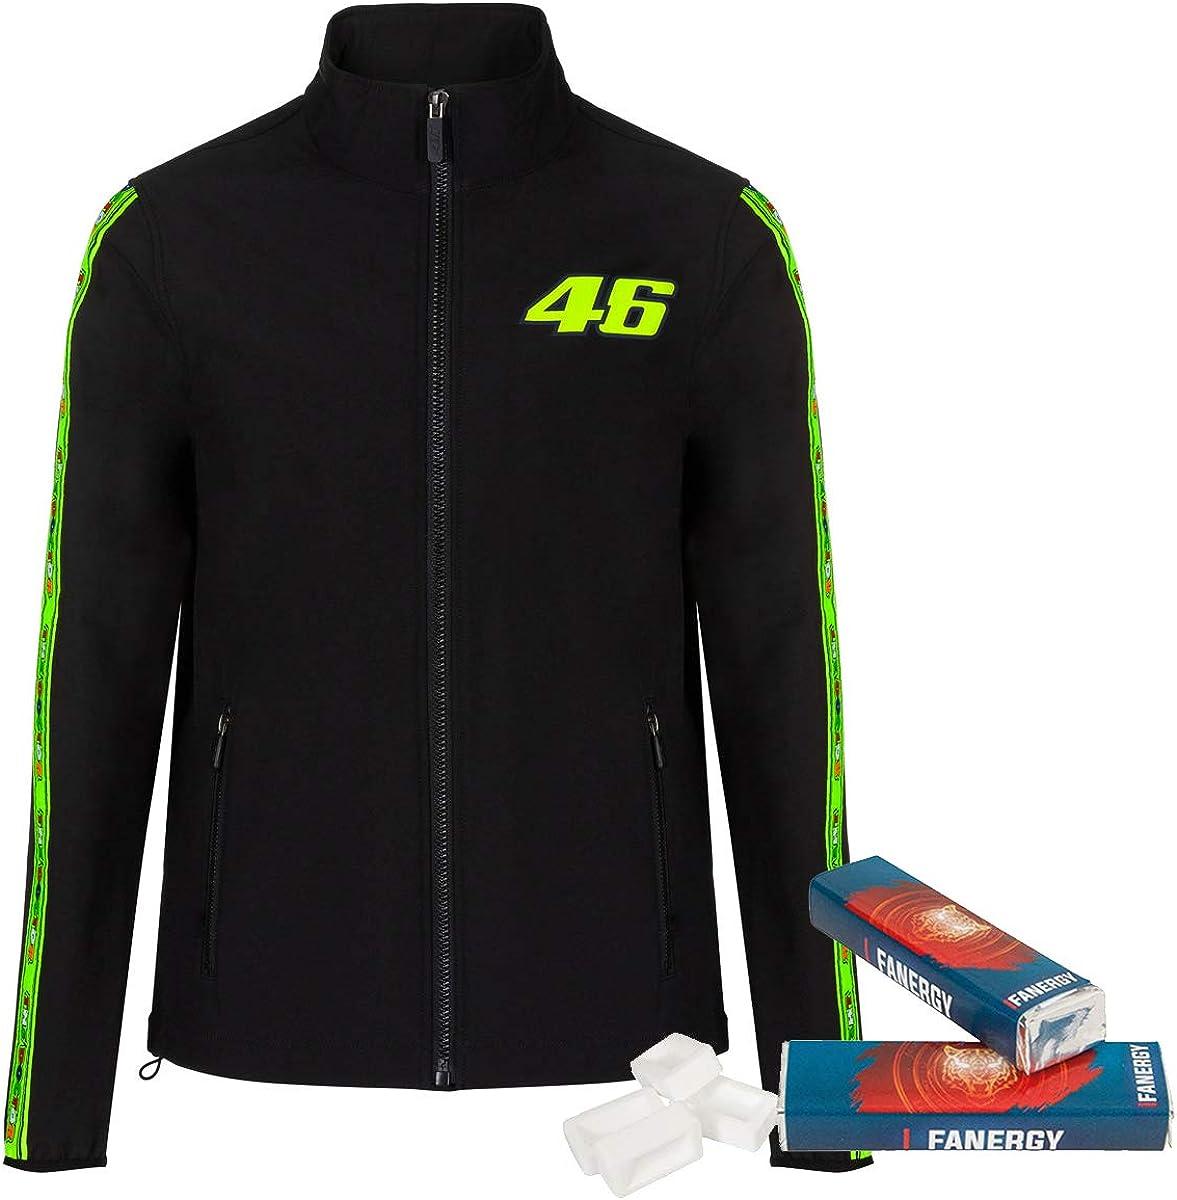 2X FANERGY Traubenzucker Valentino Rossi Softshelljacke Tapes schwarz